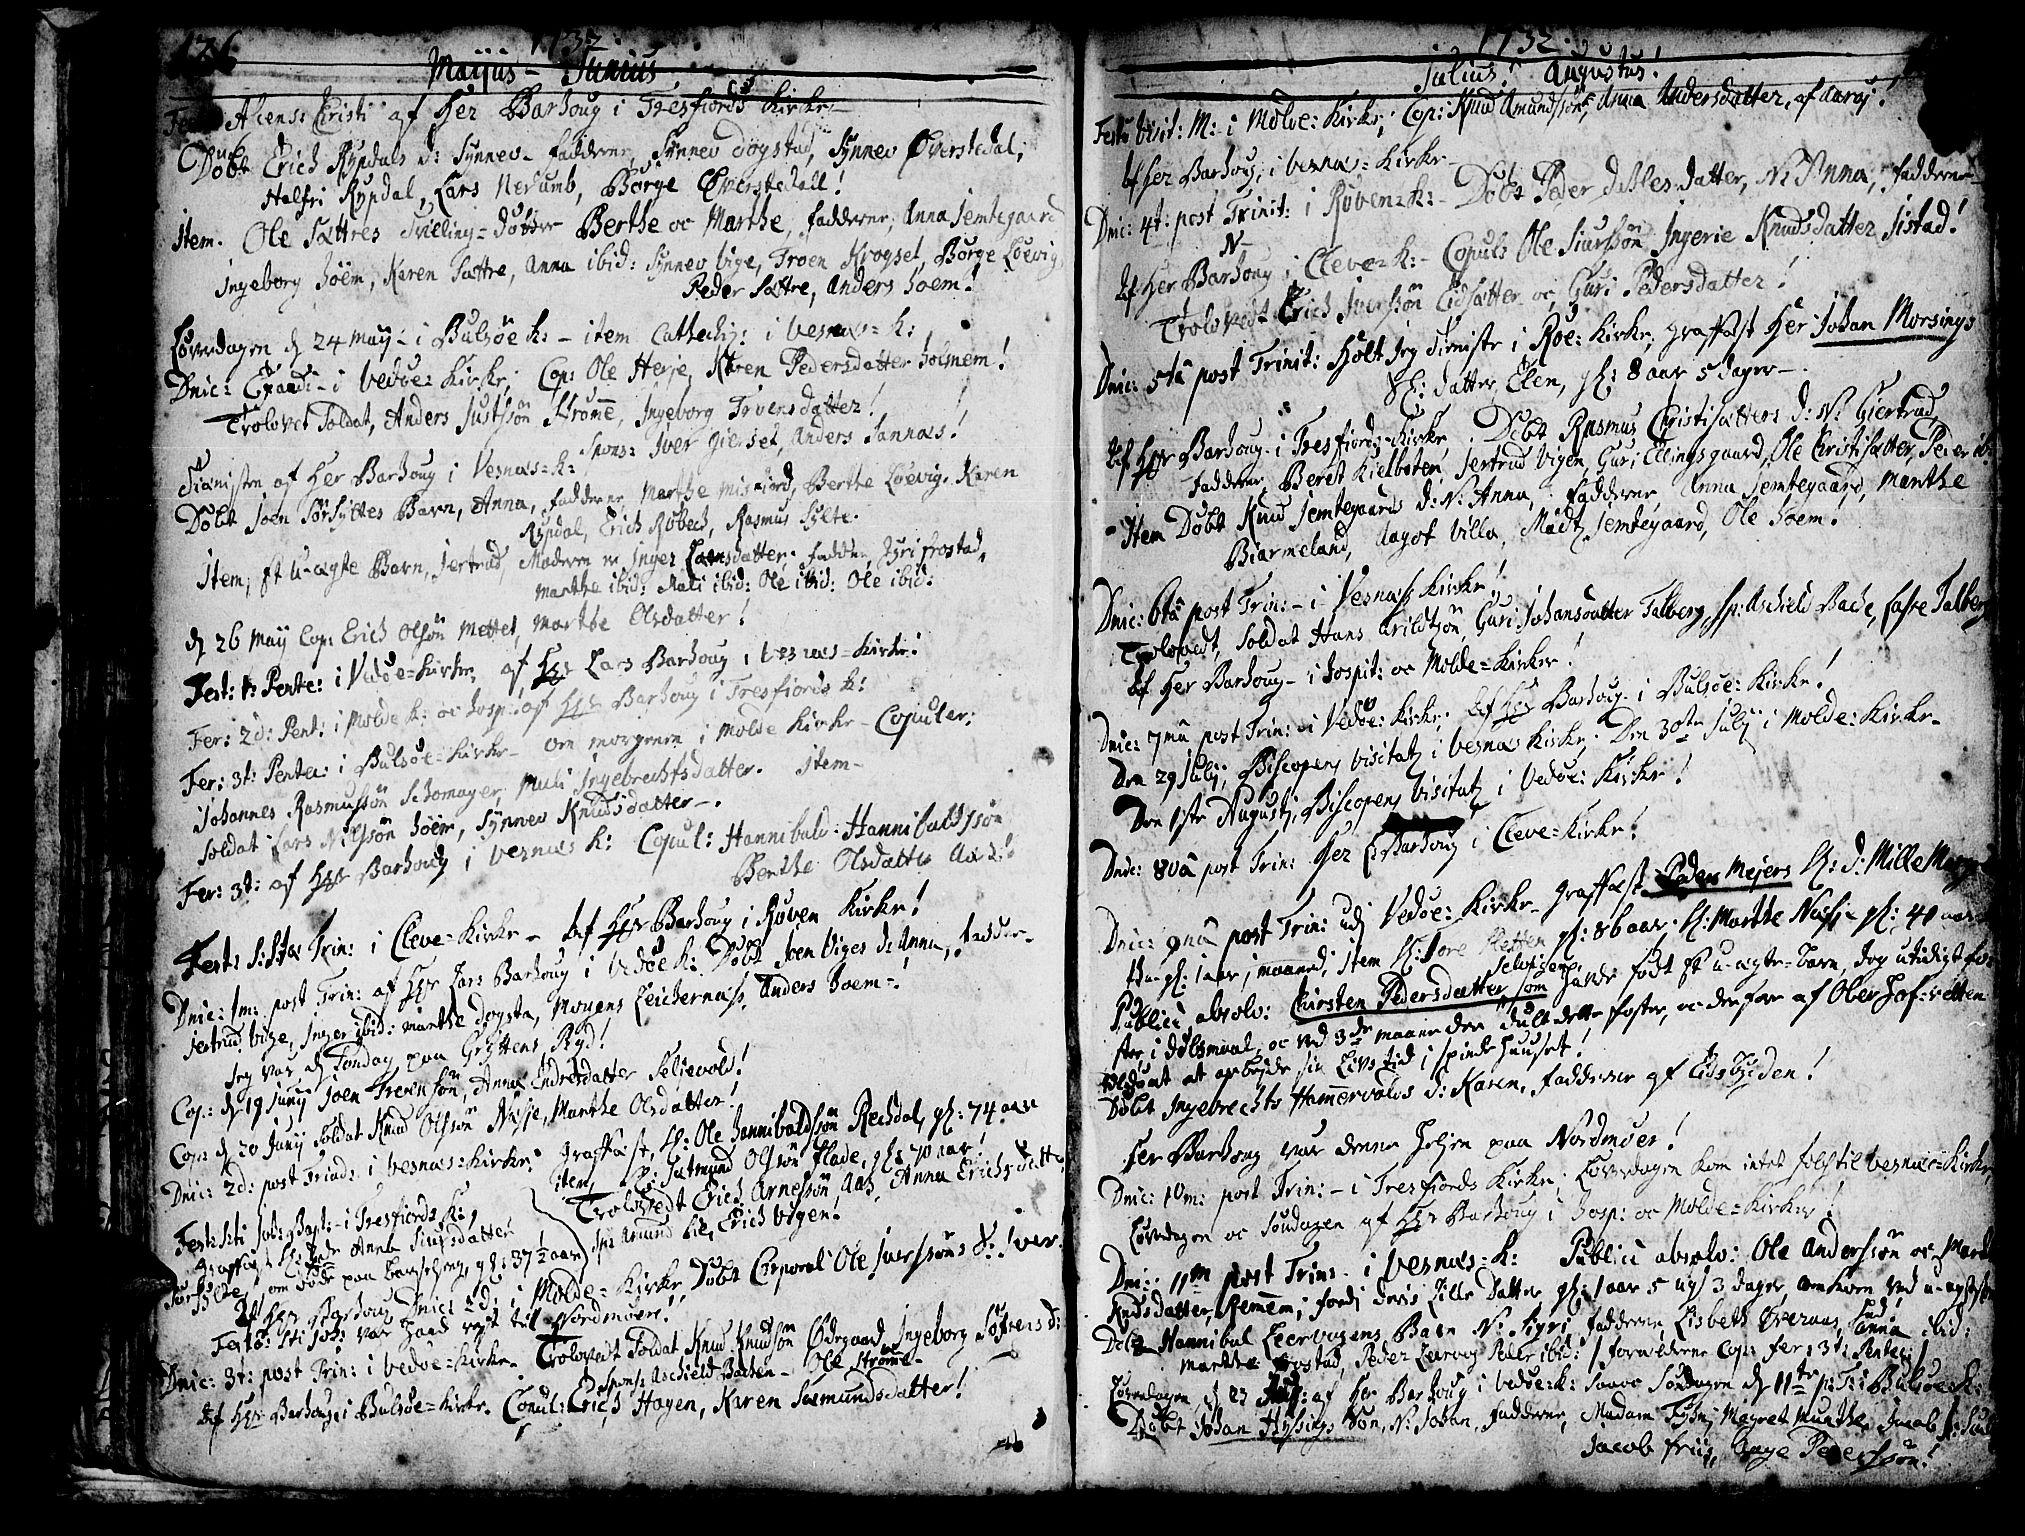 SAT, Ministerialprotokoller, klokkerbøker og fødselsregistre - Møre og Romsdal, 547/L0599: Ministerialbok nr. 547A01, 1721-1764, s. 128-129